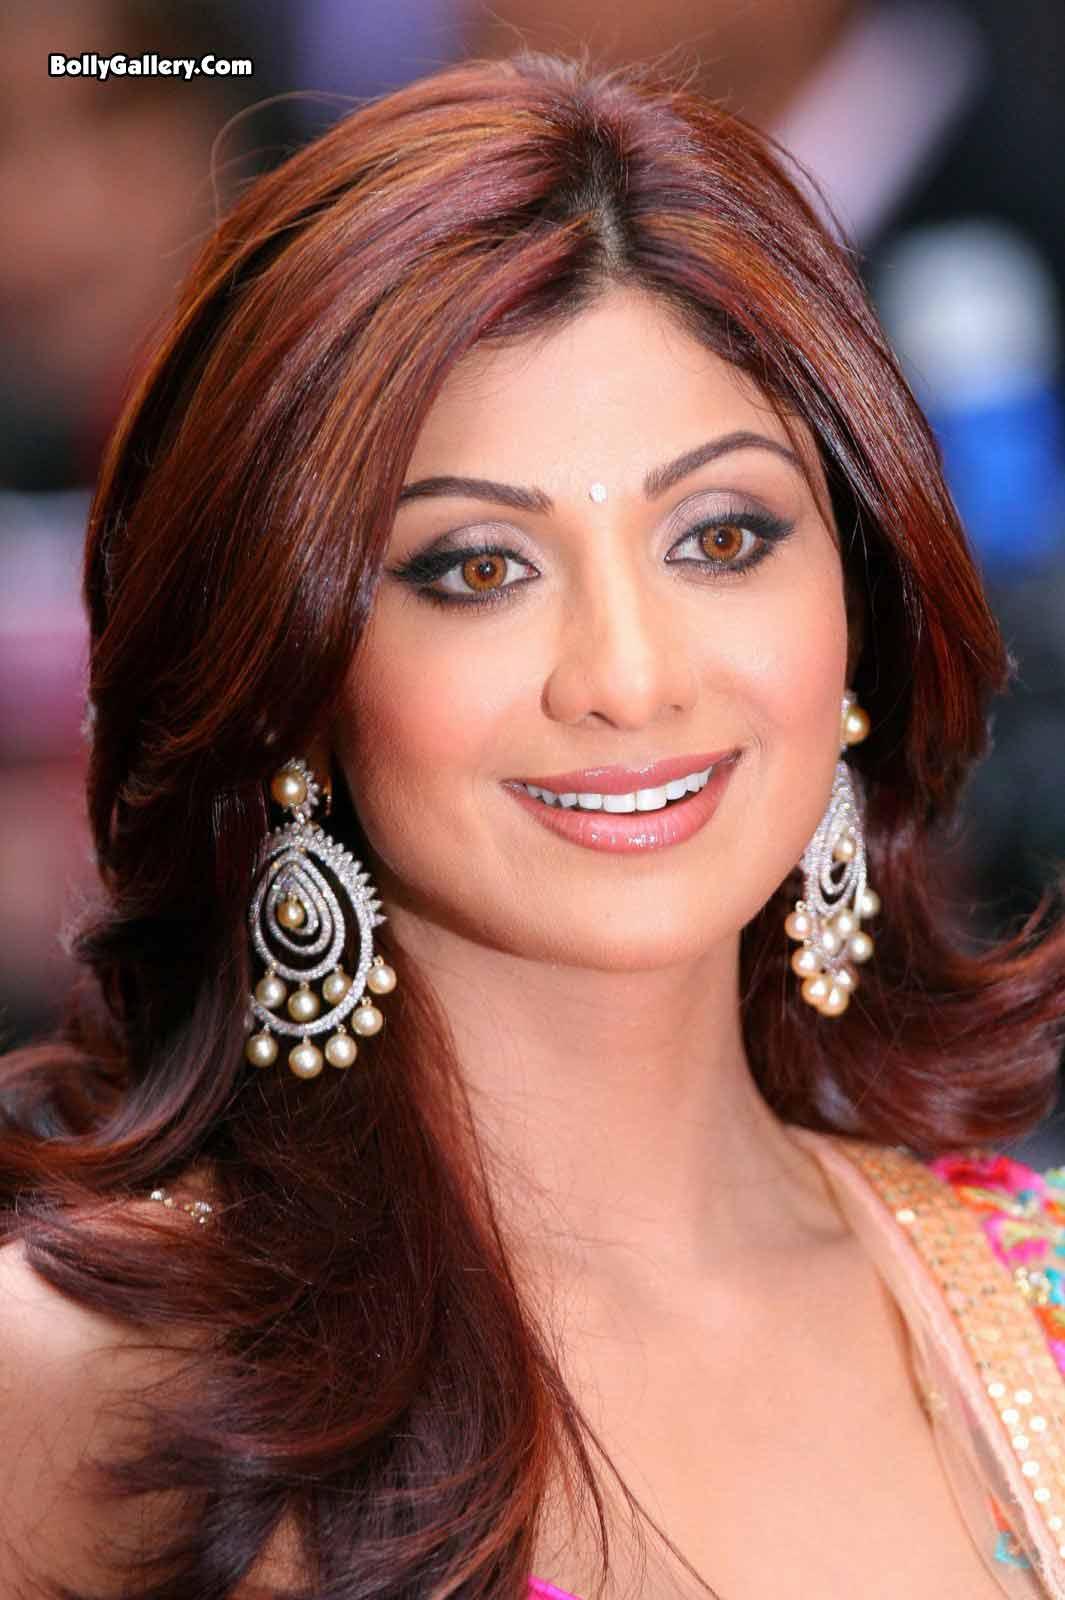 Shilpa Shetty - Bí ẩn nét đẹp phương Đông - 2